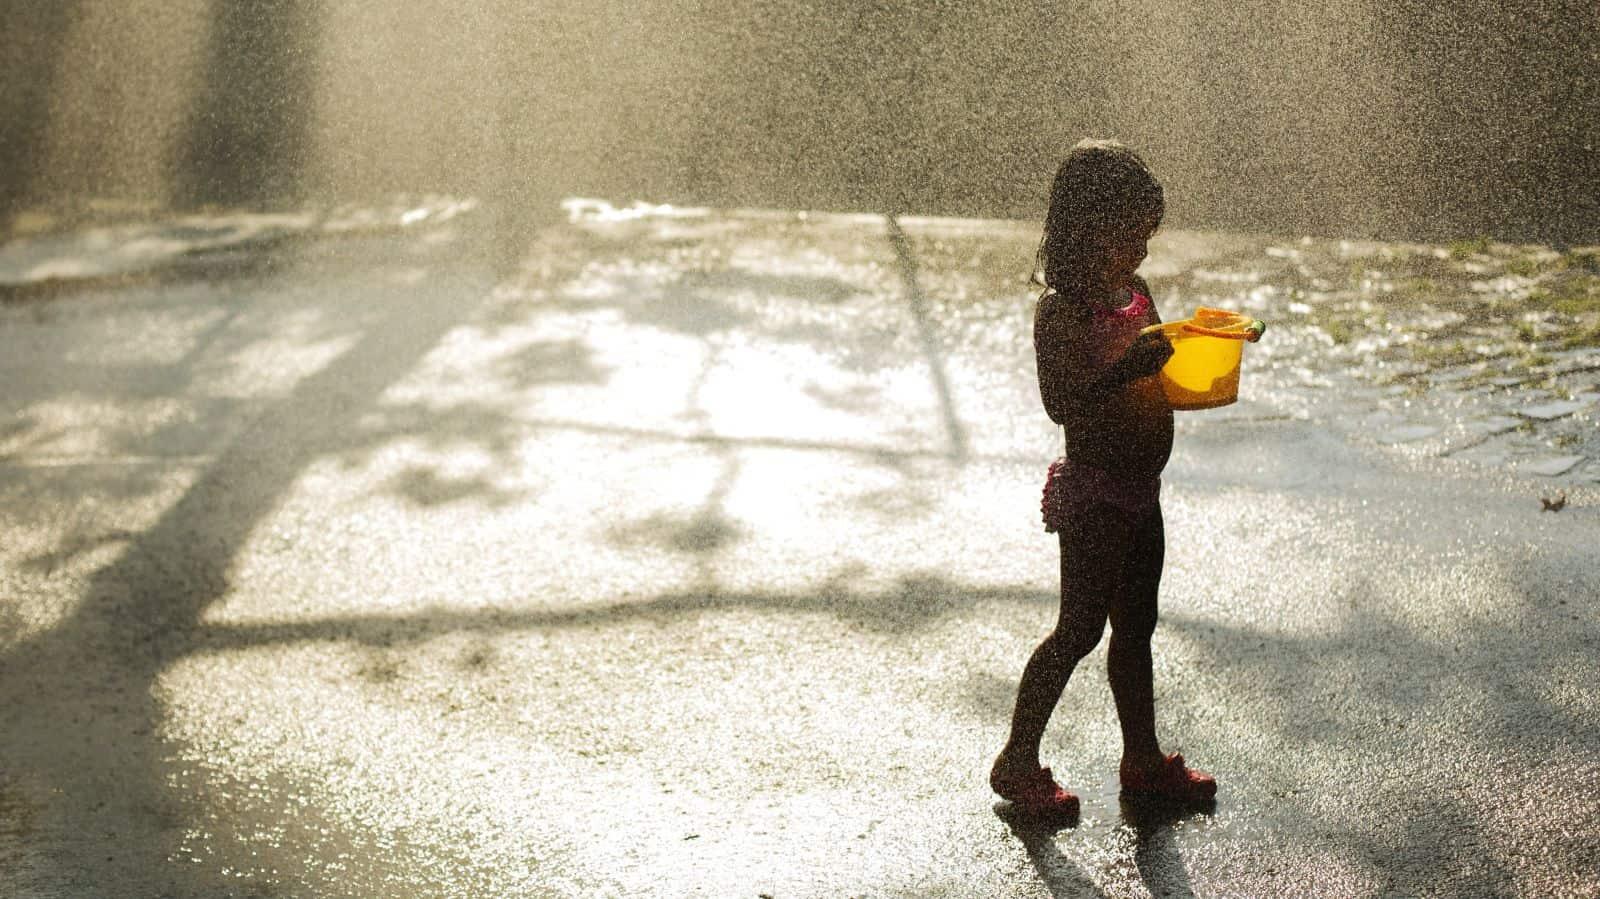 Reuters/ Lucas Jackson